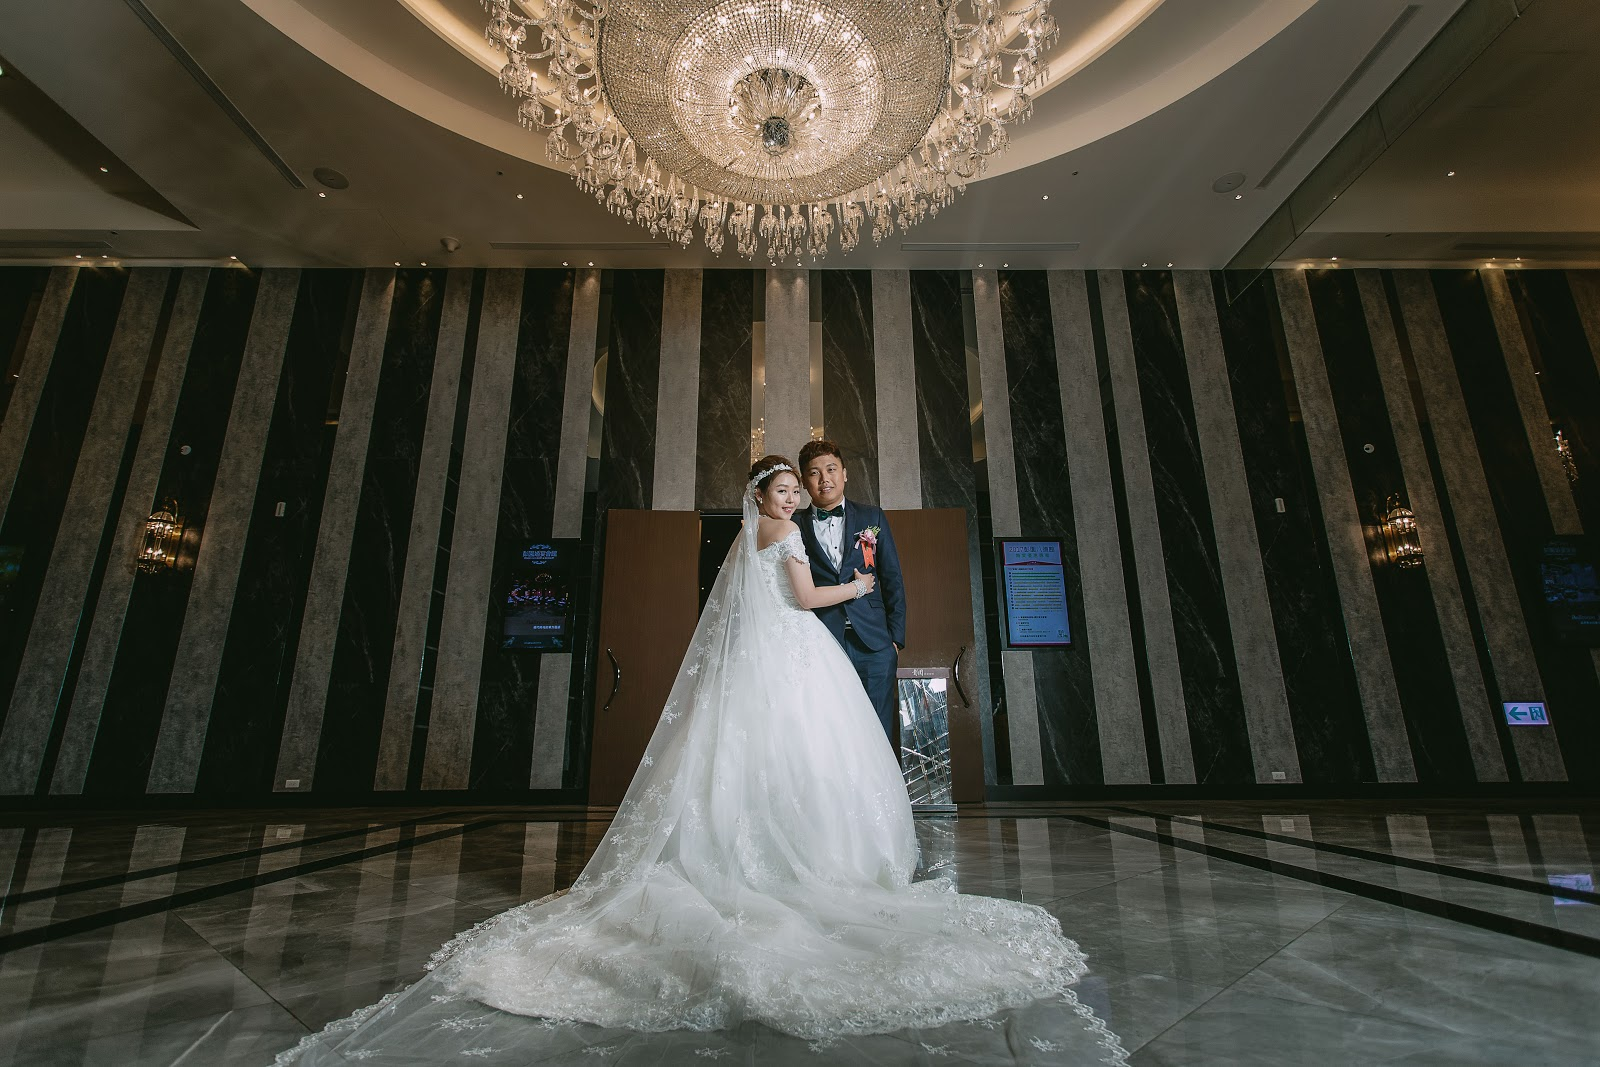 彭園婚攝, 婚攝, 桃園婚攝, 婚禮紀錄, 北部婚攝推薦,桃園彭園會館, 優質婚攝推薦, 婚禮攝影, 彭園婚宴